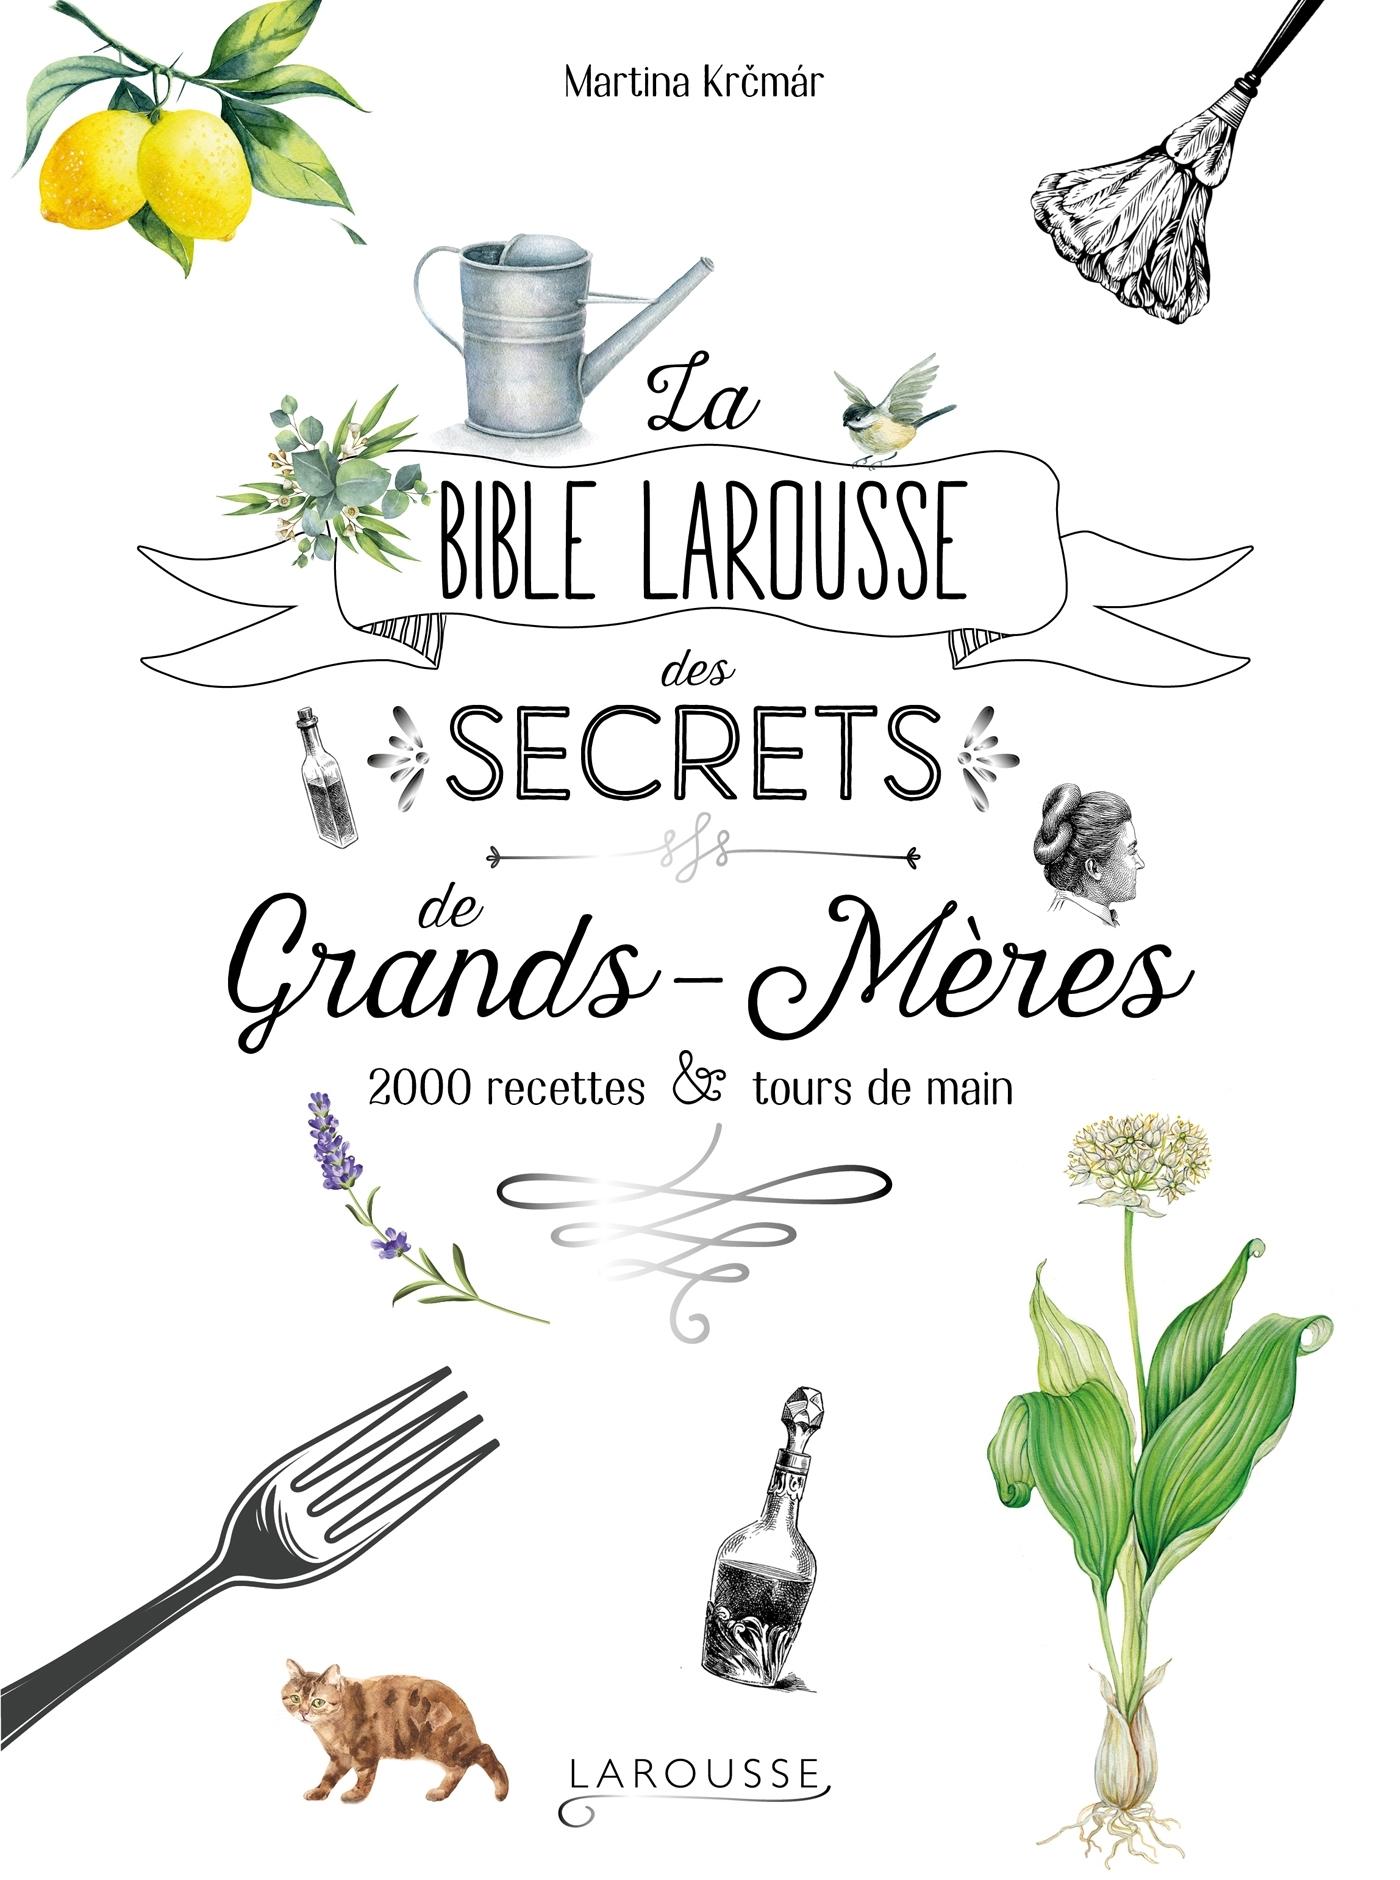 LA BIBLE LAROUSSE DES SECRETS DE NOS GRANDS-MERES - 2000 RECETTES ET TOURS DE MAIN